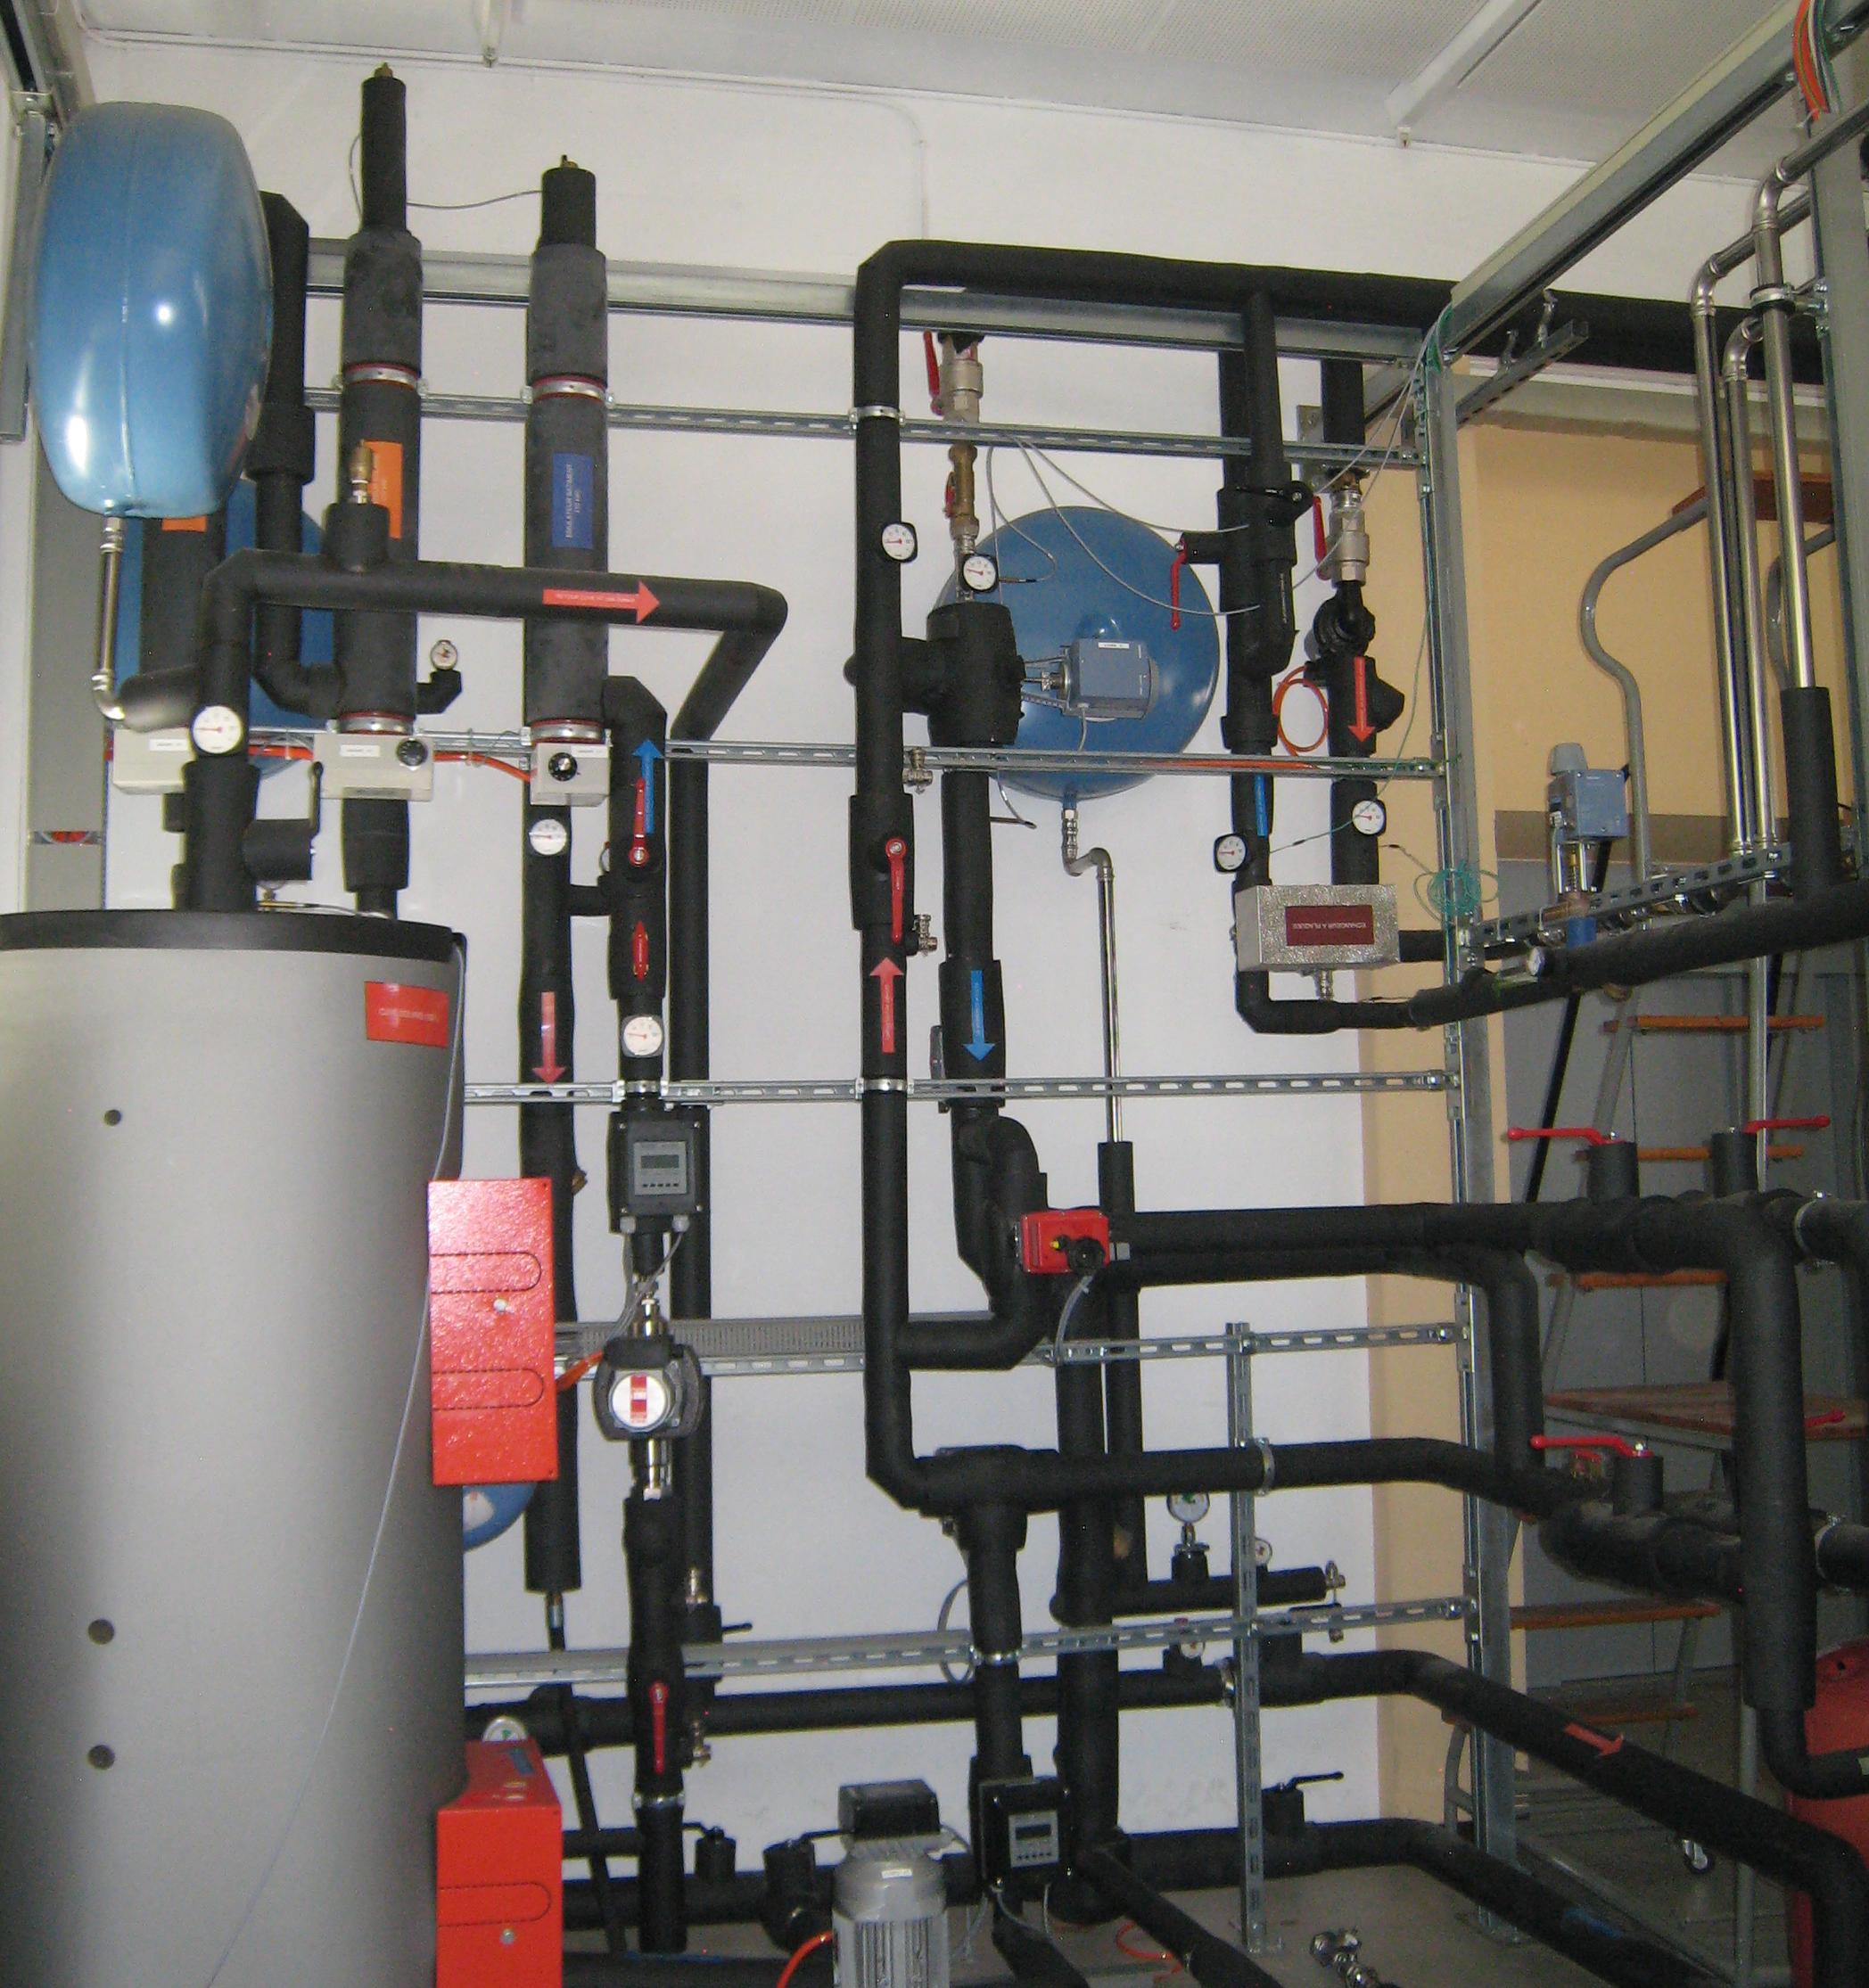 PACS-CAD: Améliorer l'efficacité énergétique et la rentabilité des circuits de chauffage